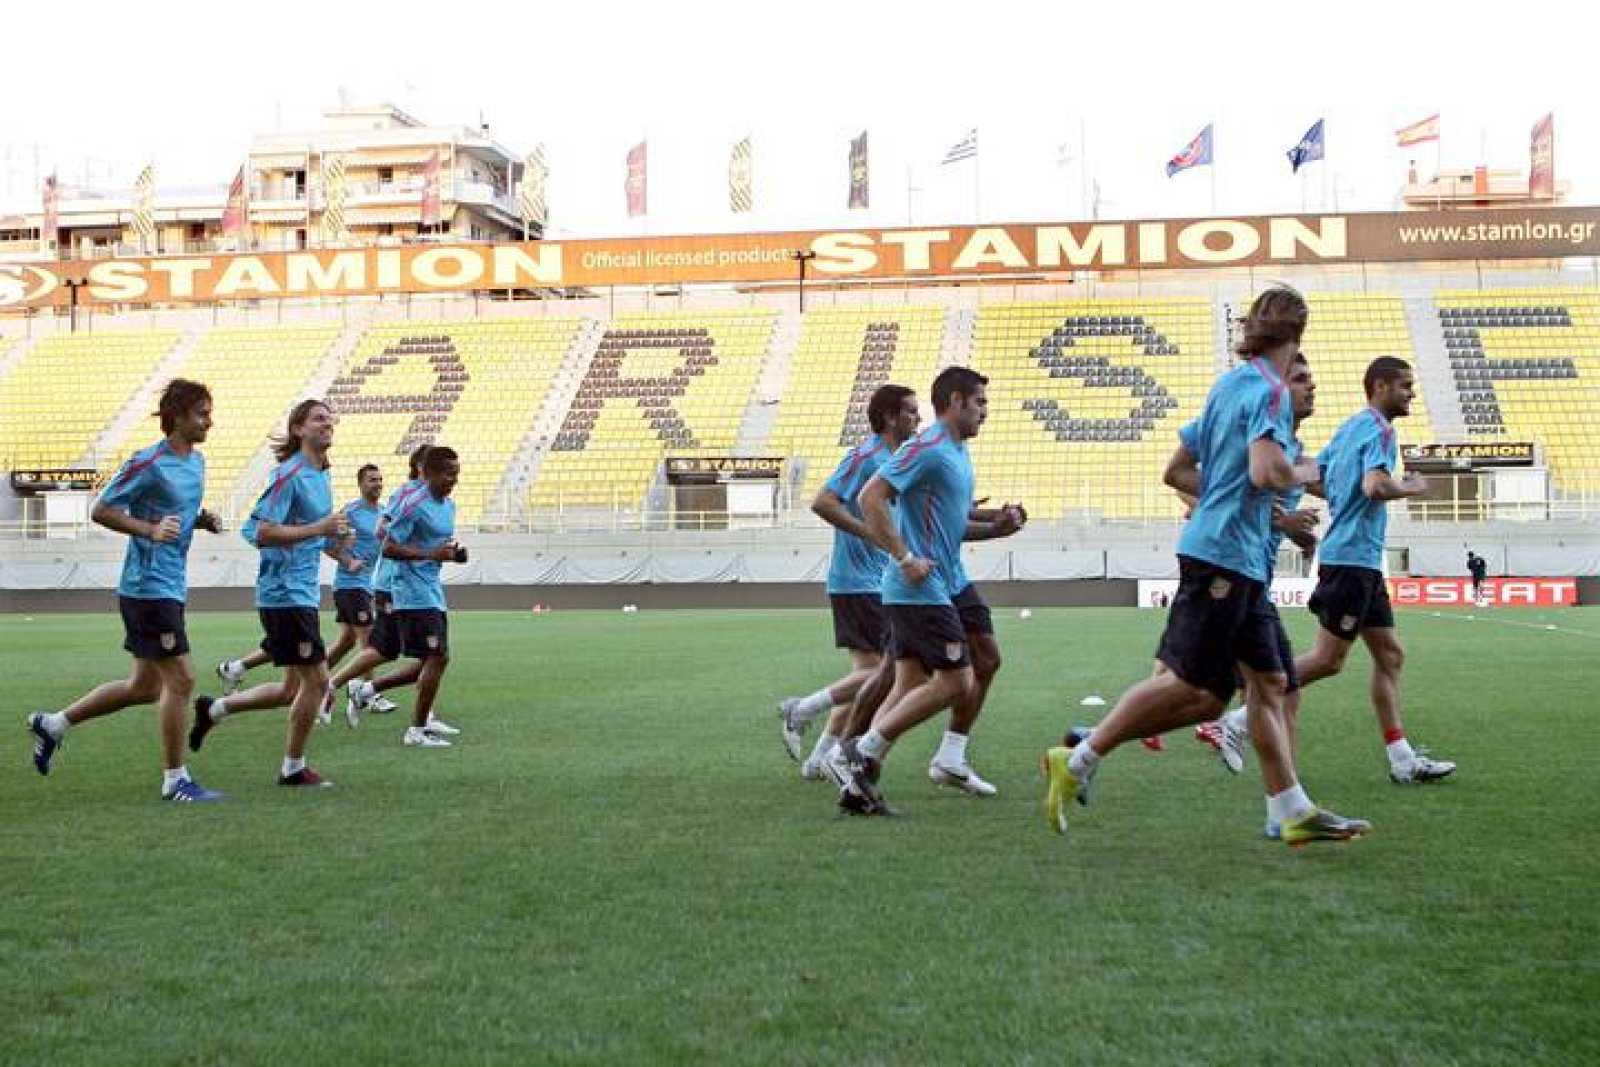 Los jugadores del Atlético de Madrid corren en el estadio del Aris de Salónica.